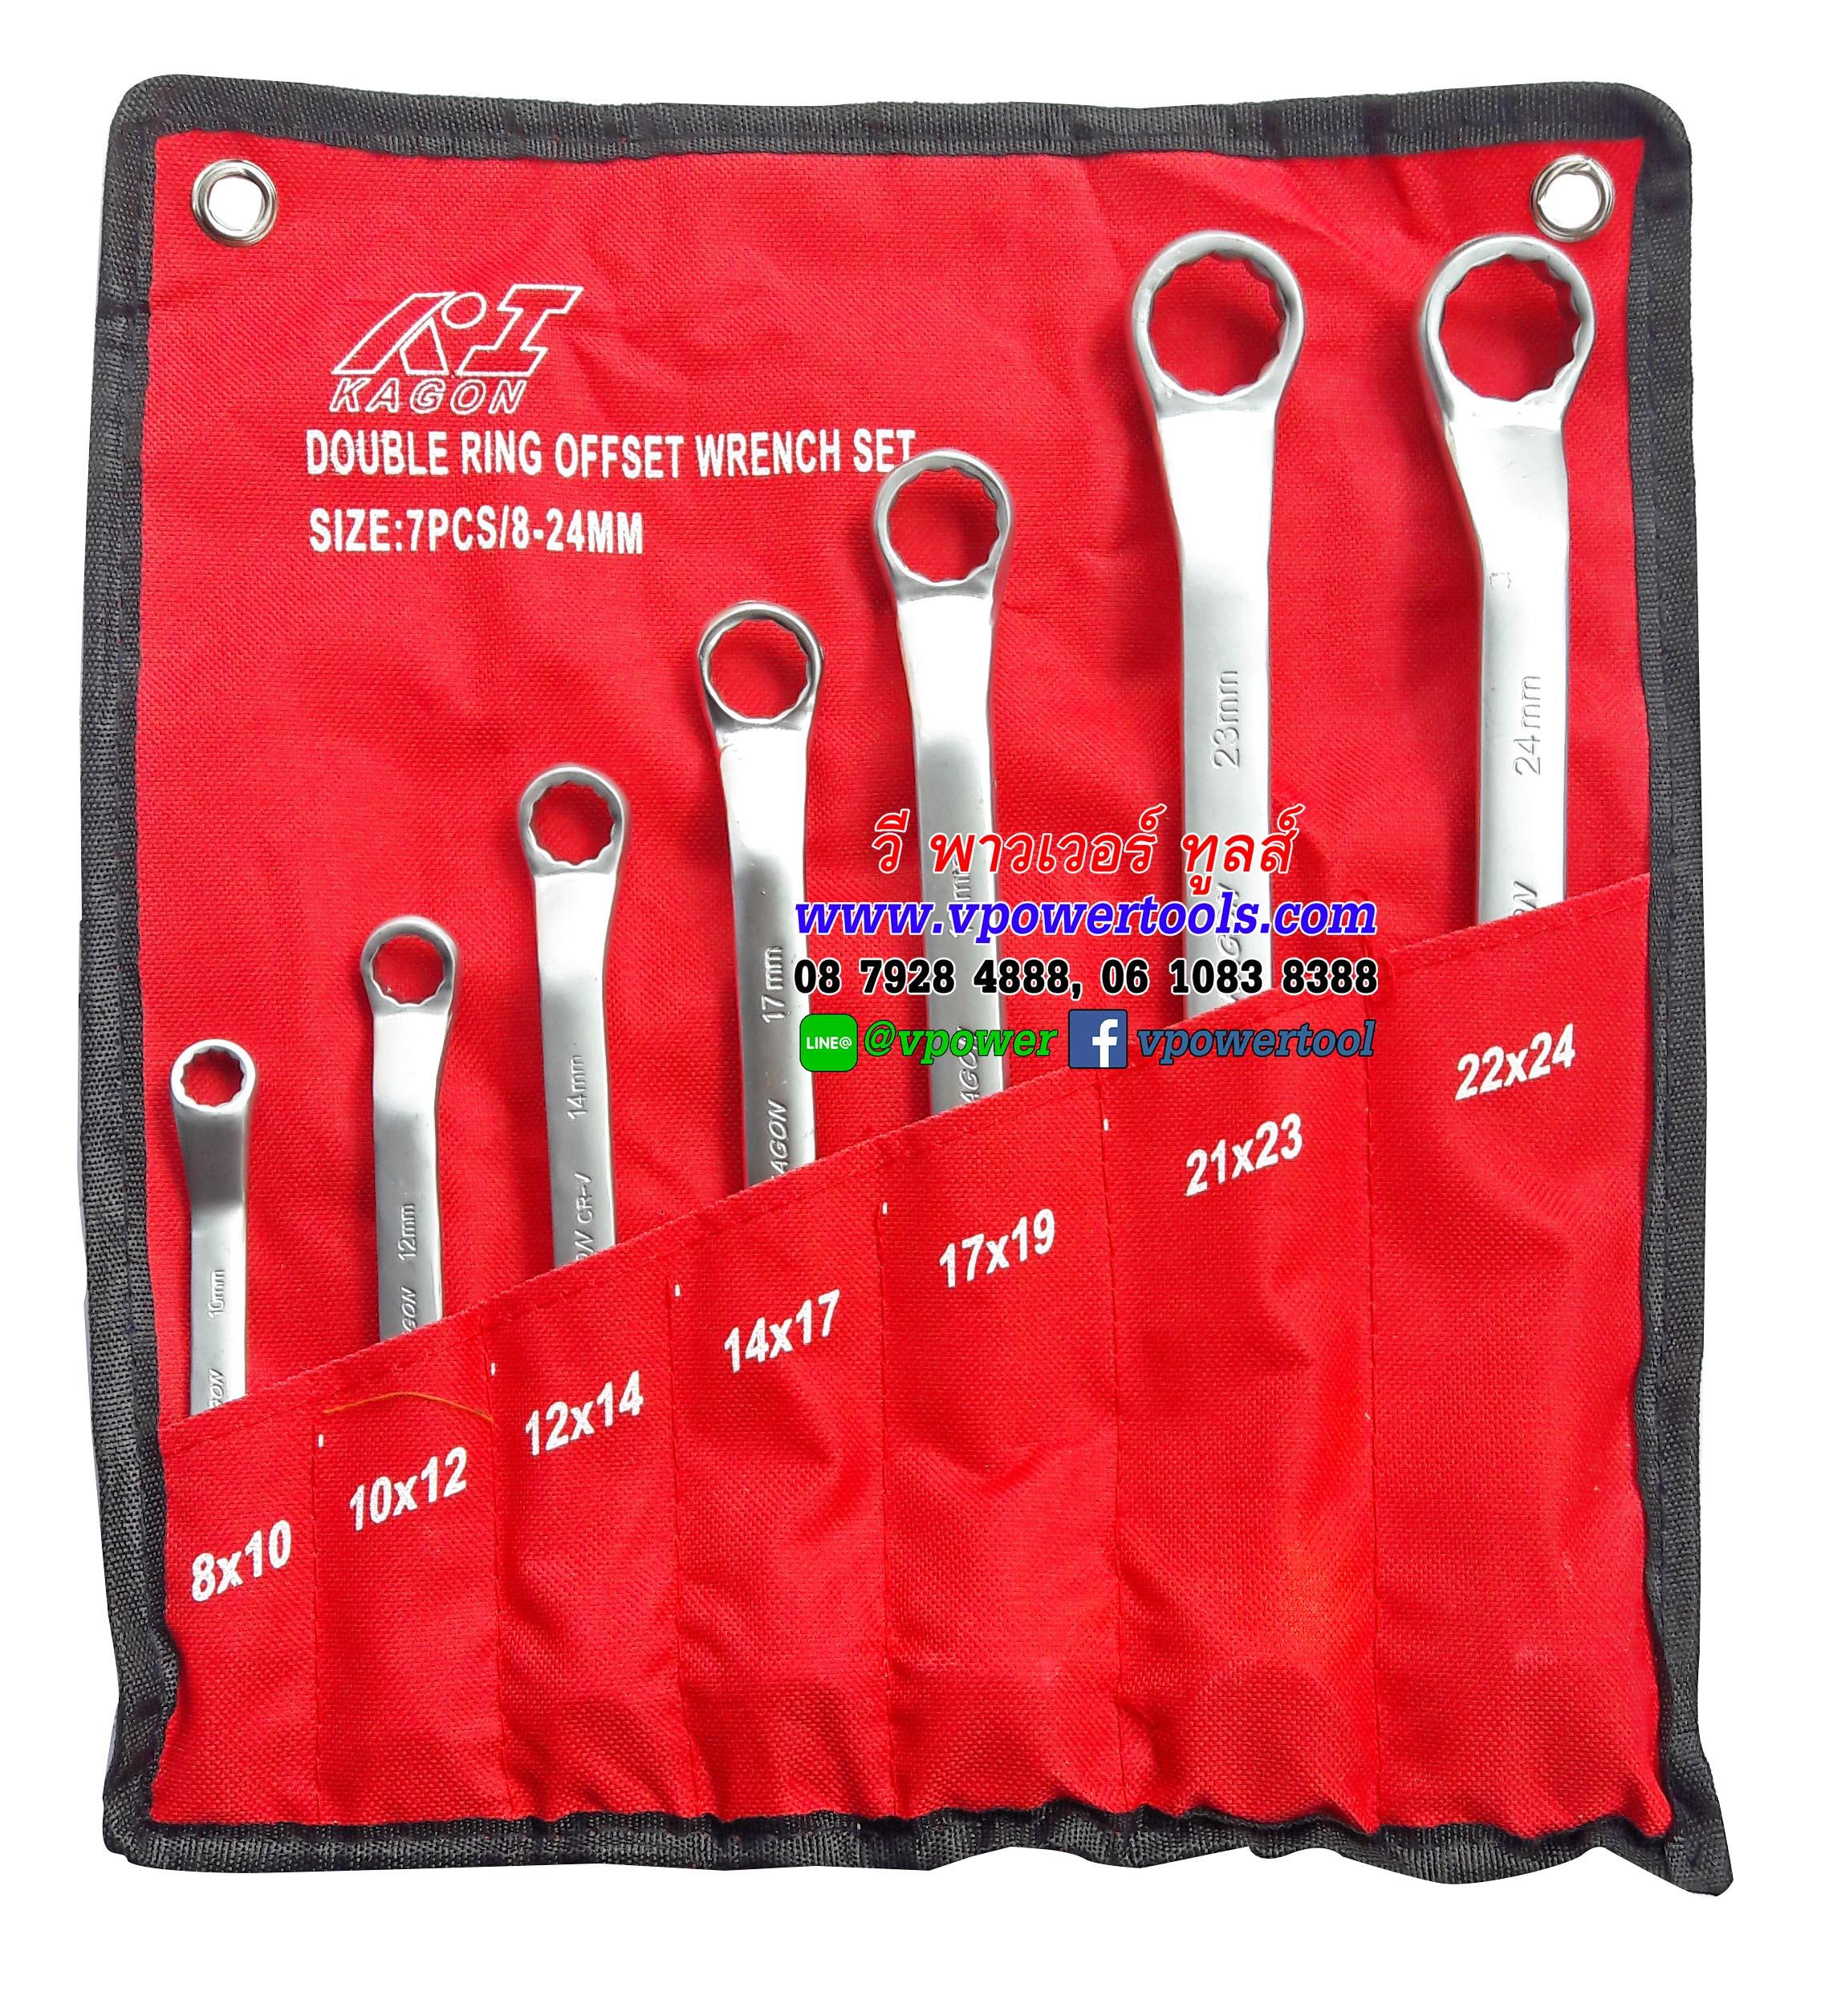 KAGON ชุดประแจแหวน 2 ข้าง 7 ตัวชุดพร้อมซอง (8-24มม.)